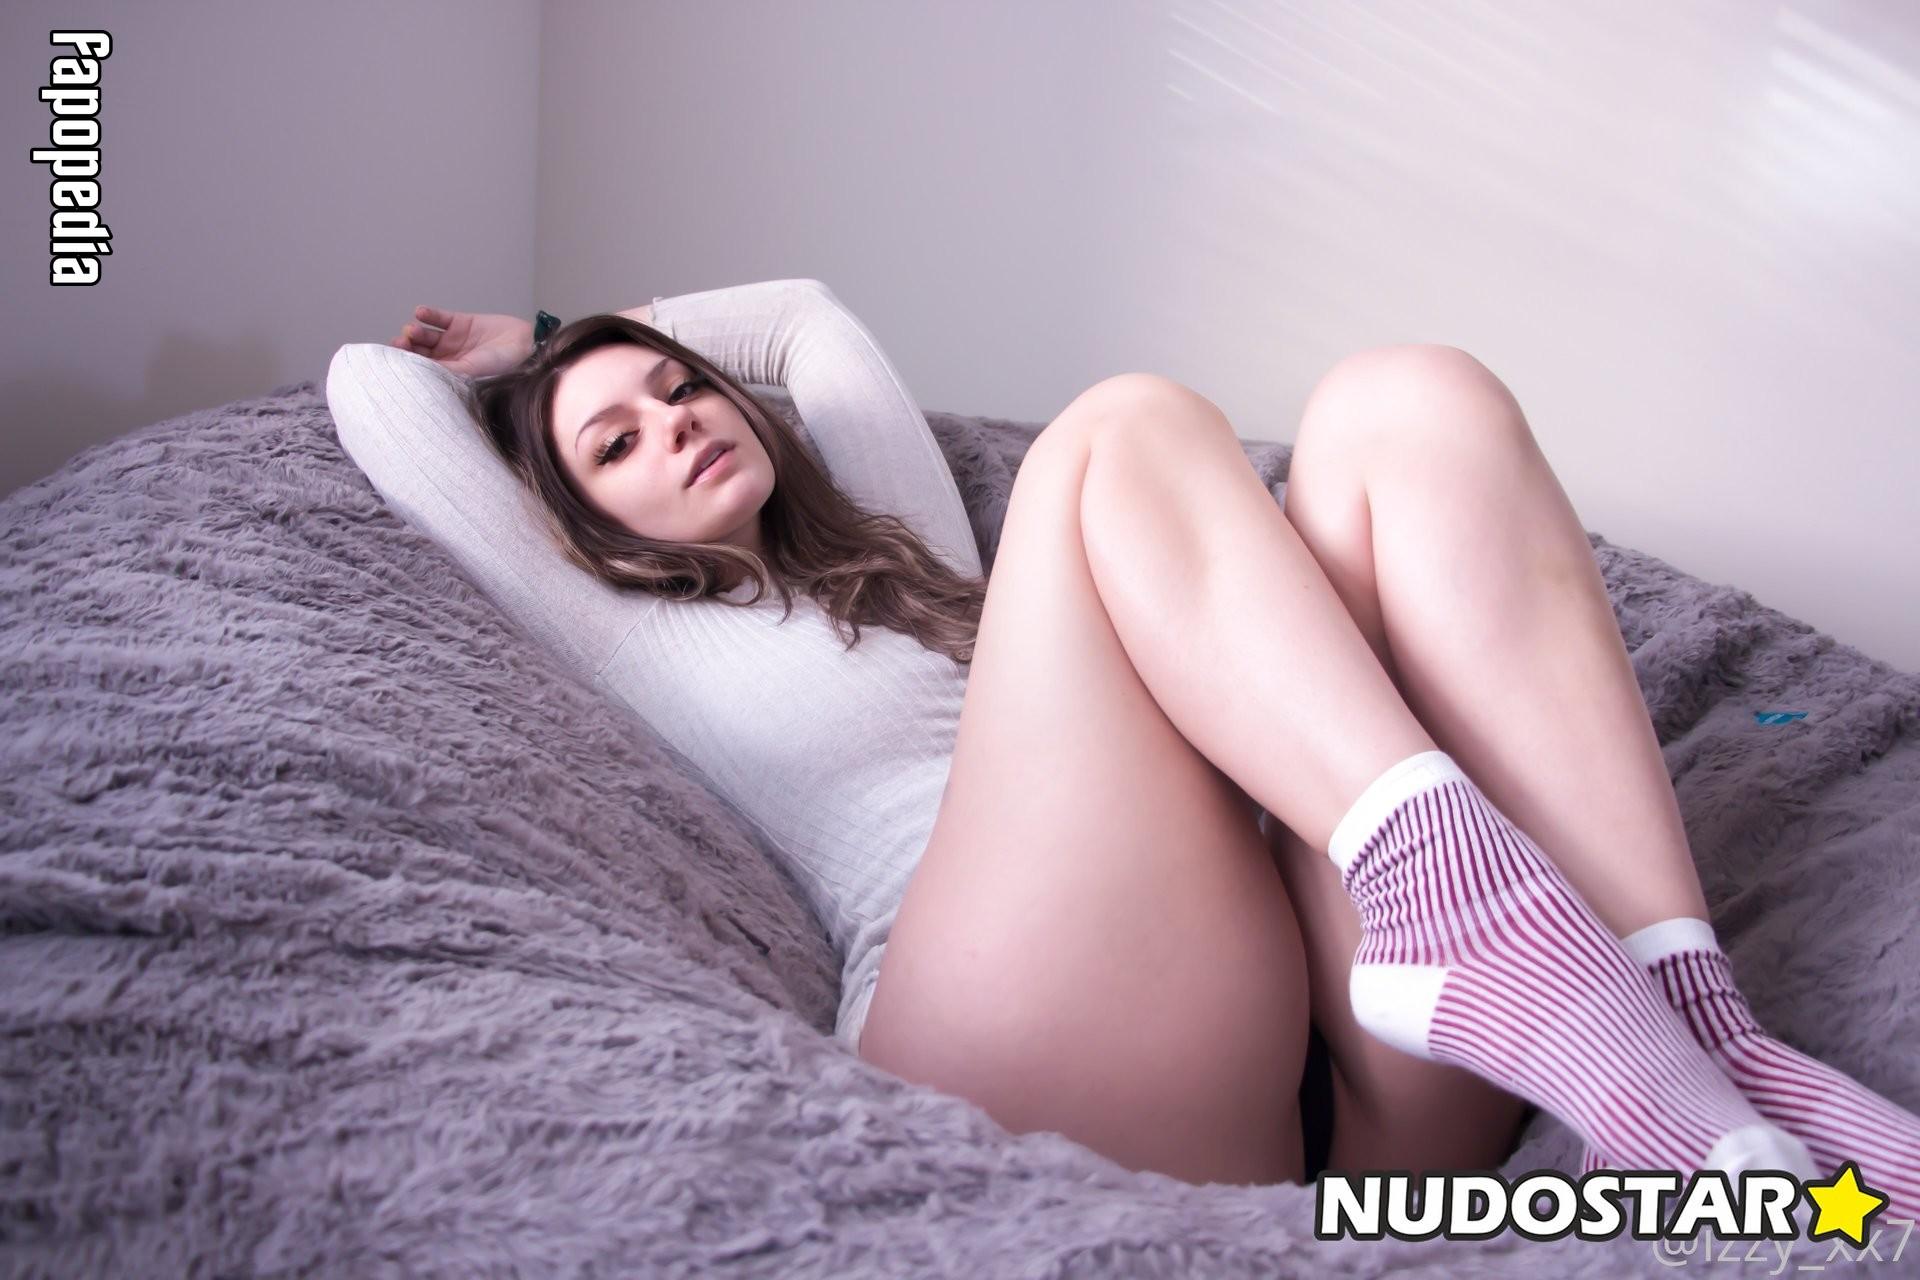 Izzy Xx Nude OnlyFans Leaks